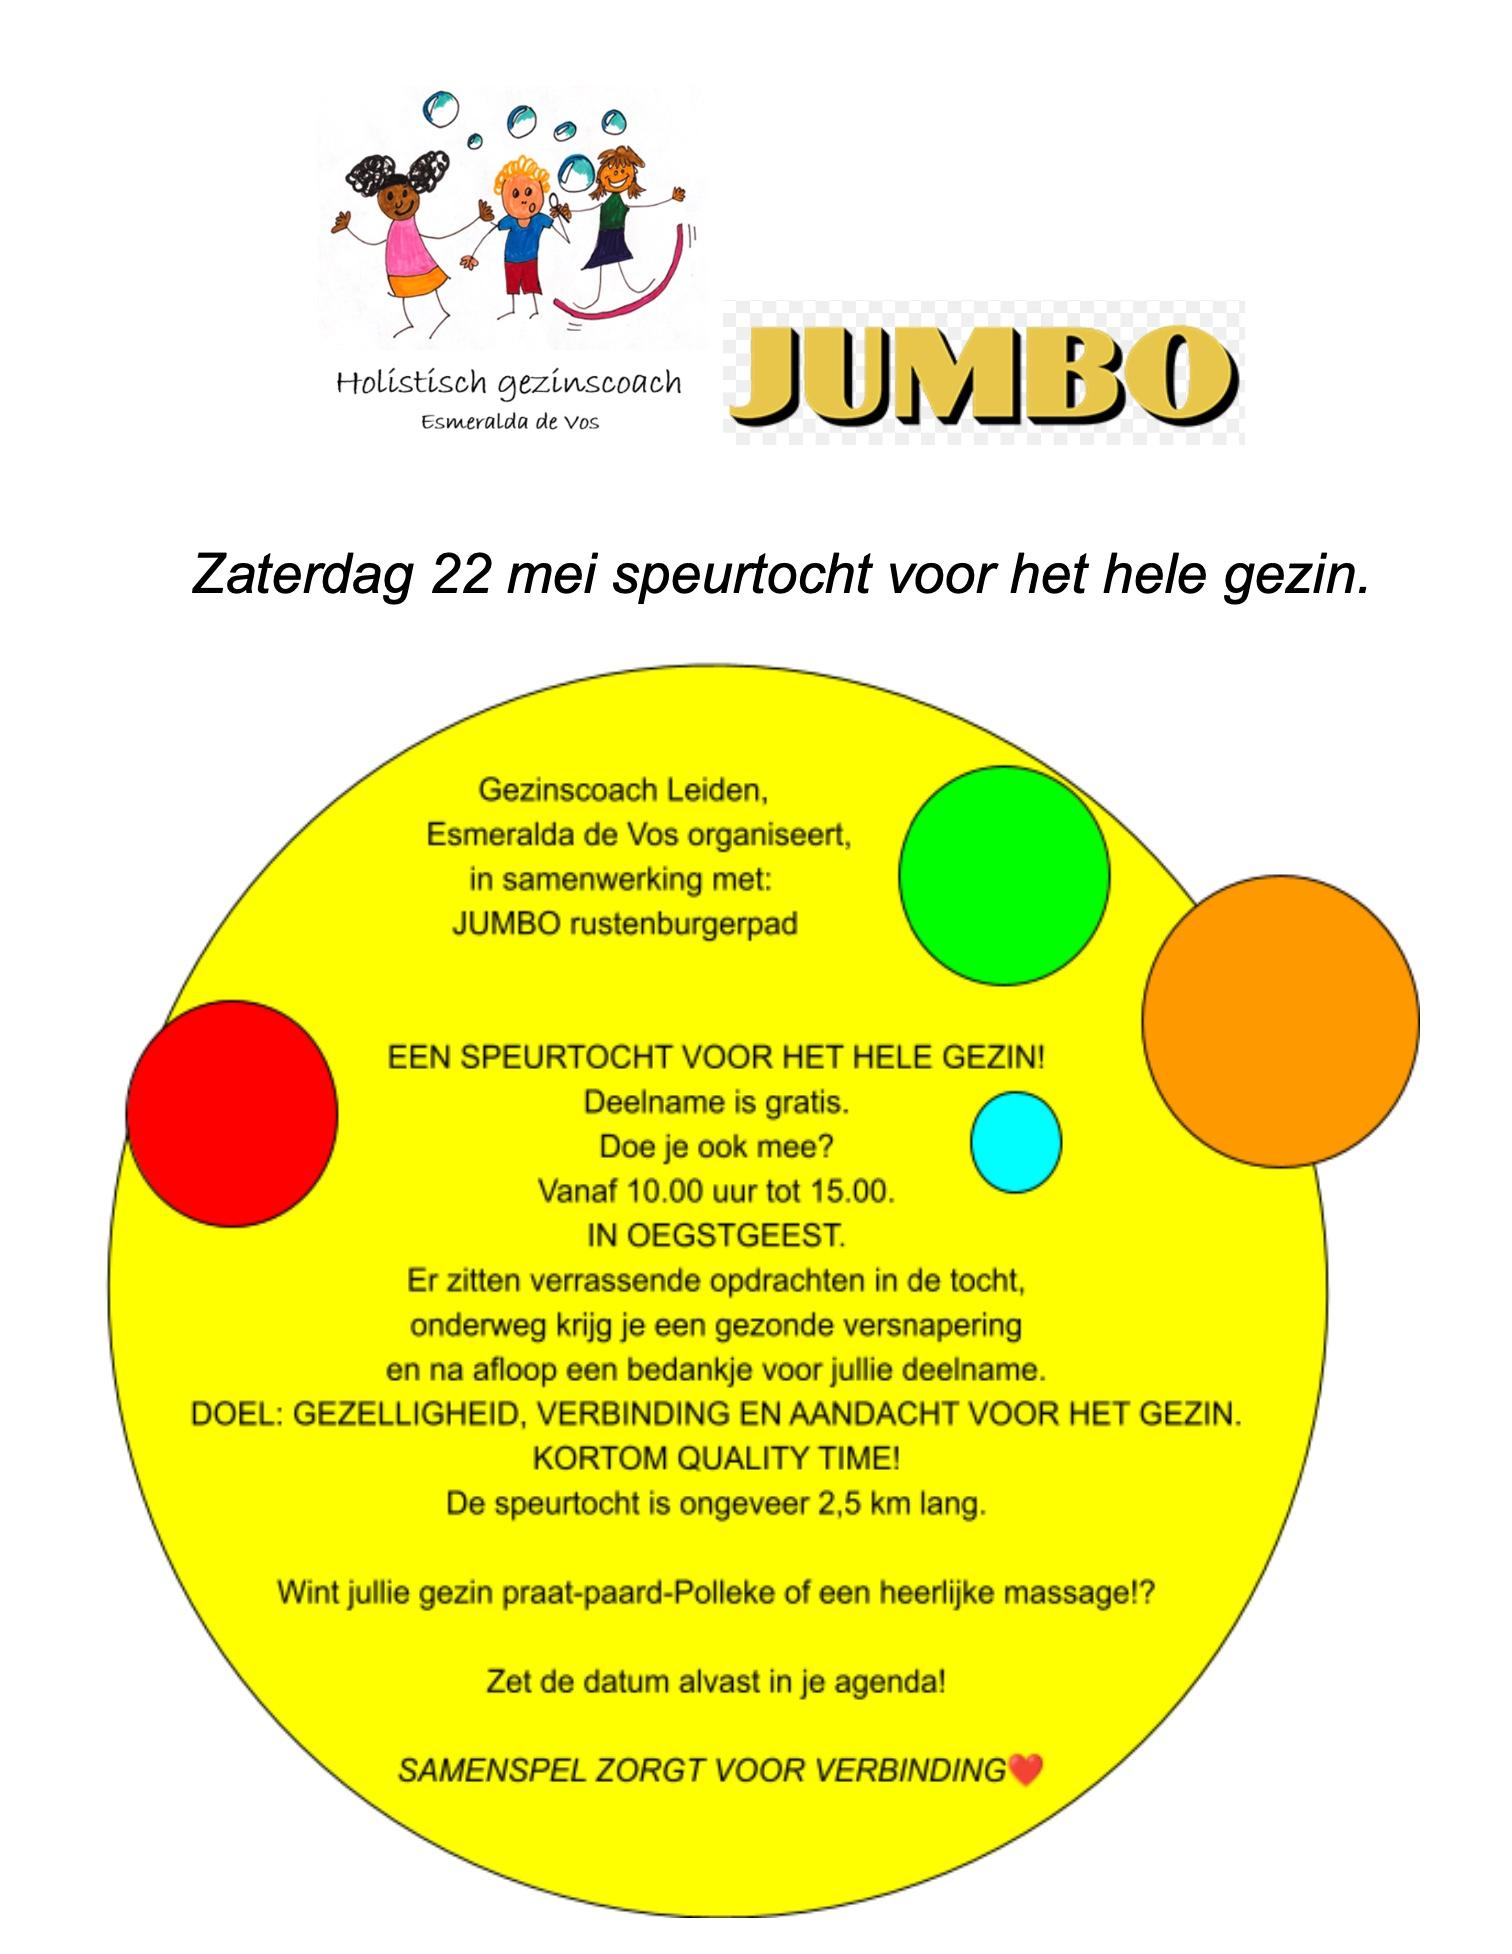 Speurtocht voor hele gezin; aanmelden info@gezinscoacheleiden.nl